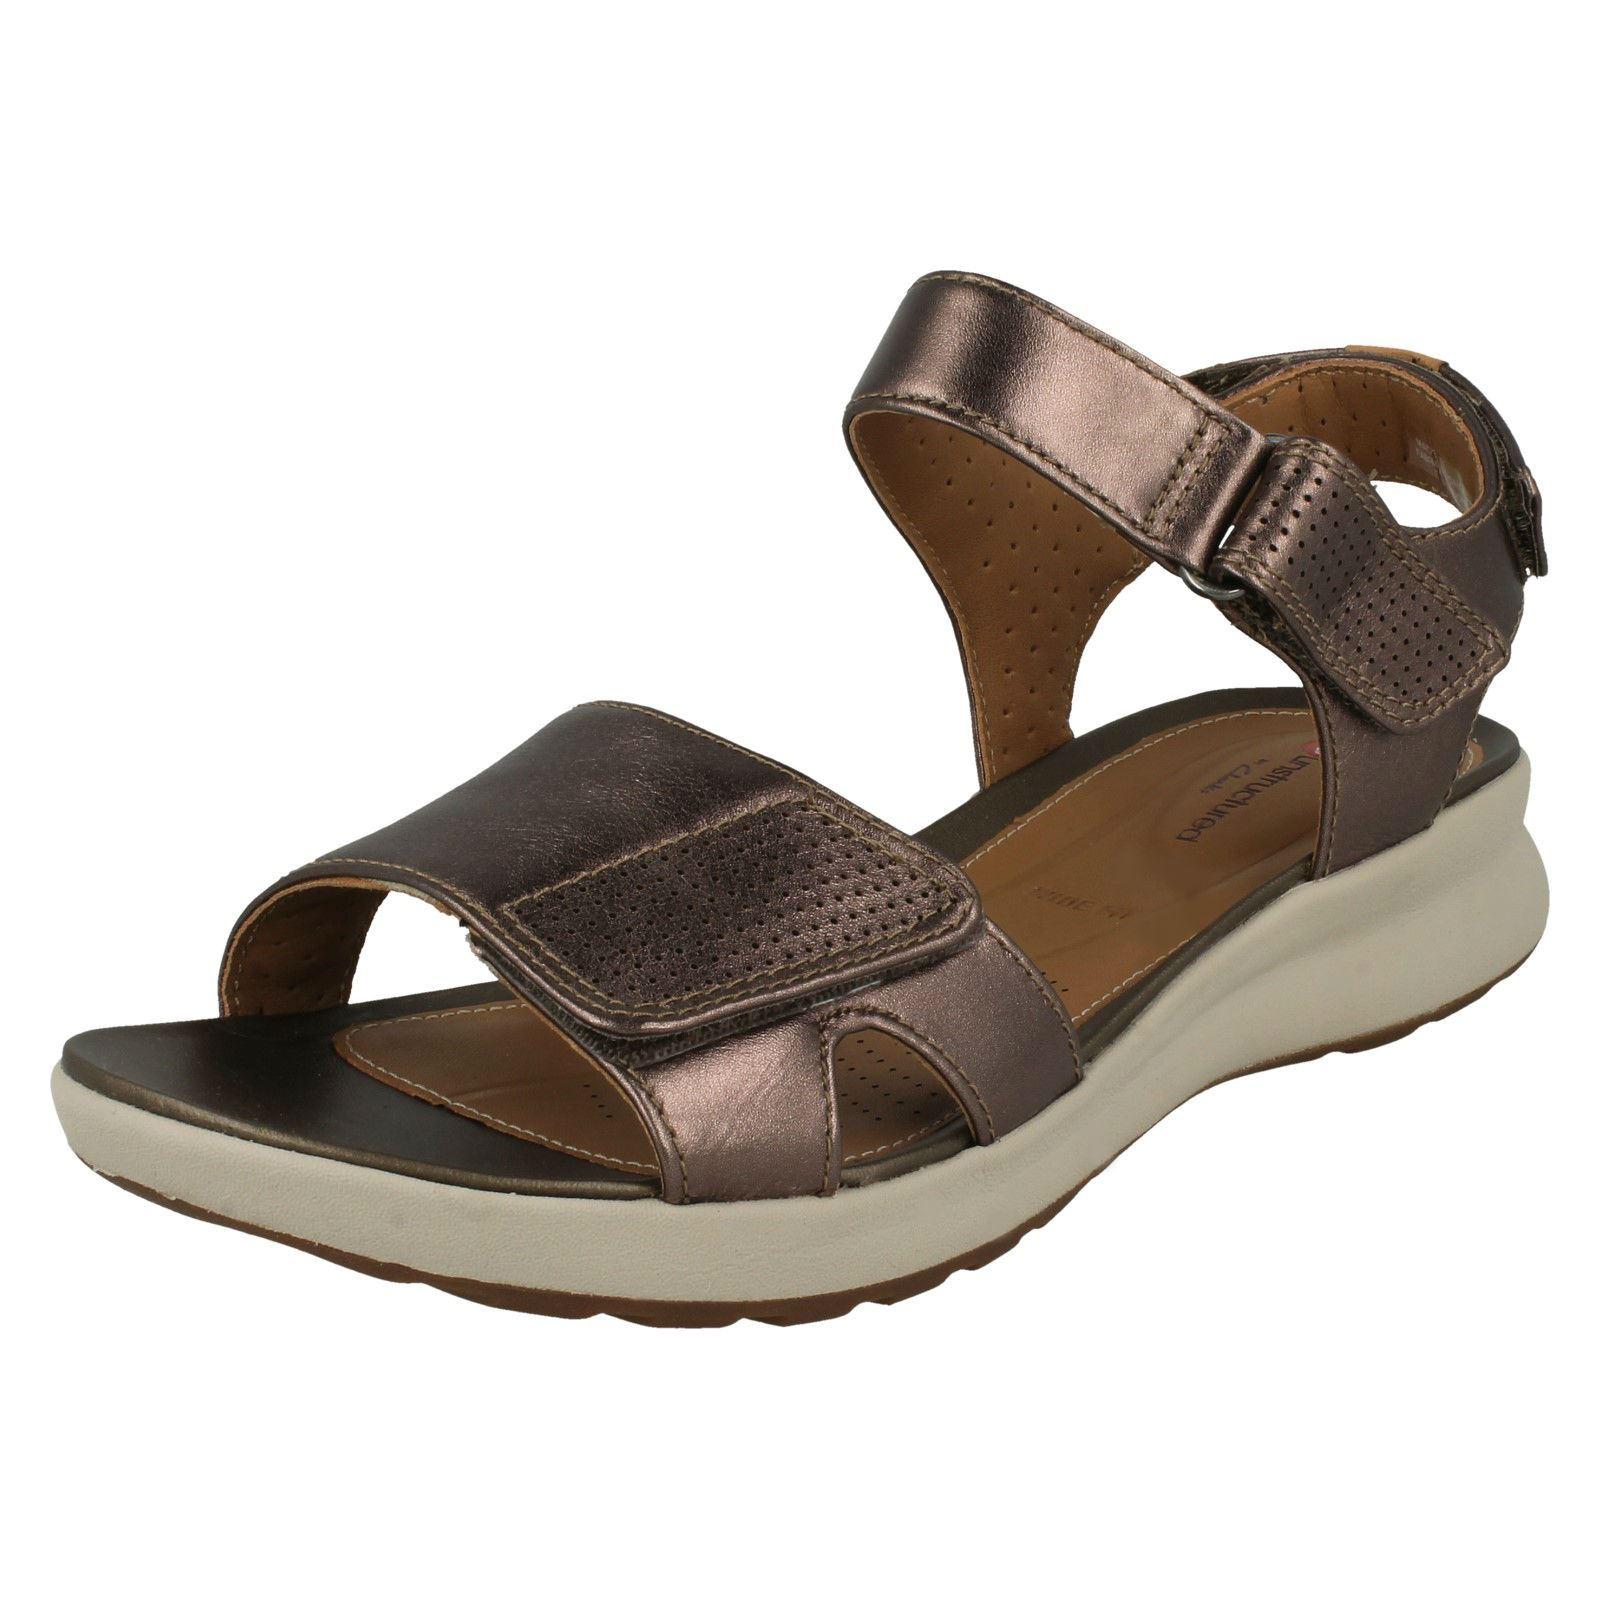 23c45832d9f Ladies Clarks Unstructured Wide Fit Hook   Loop Leather Sandals Un Adorn  Calm